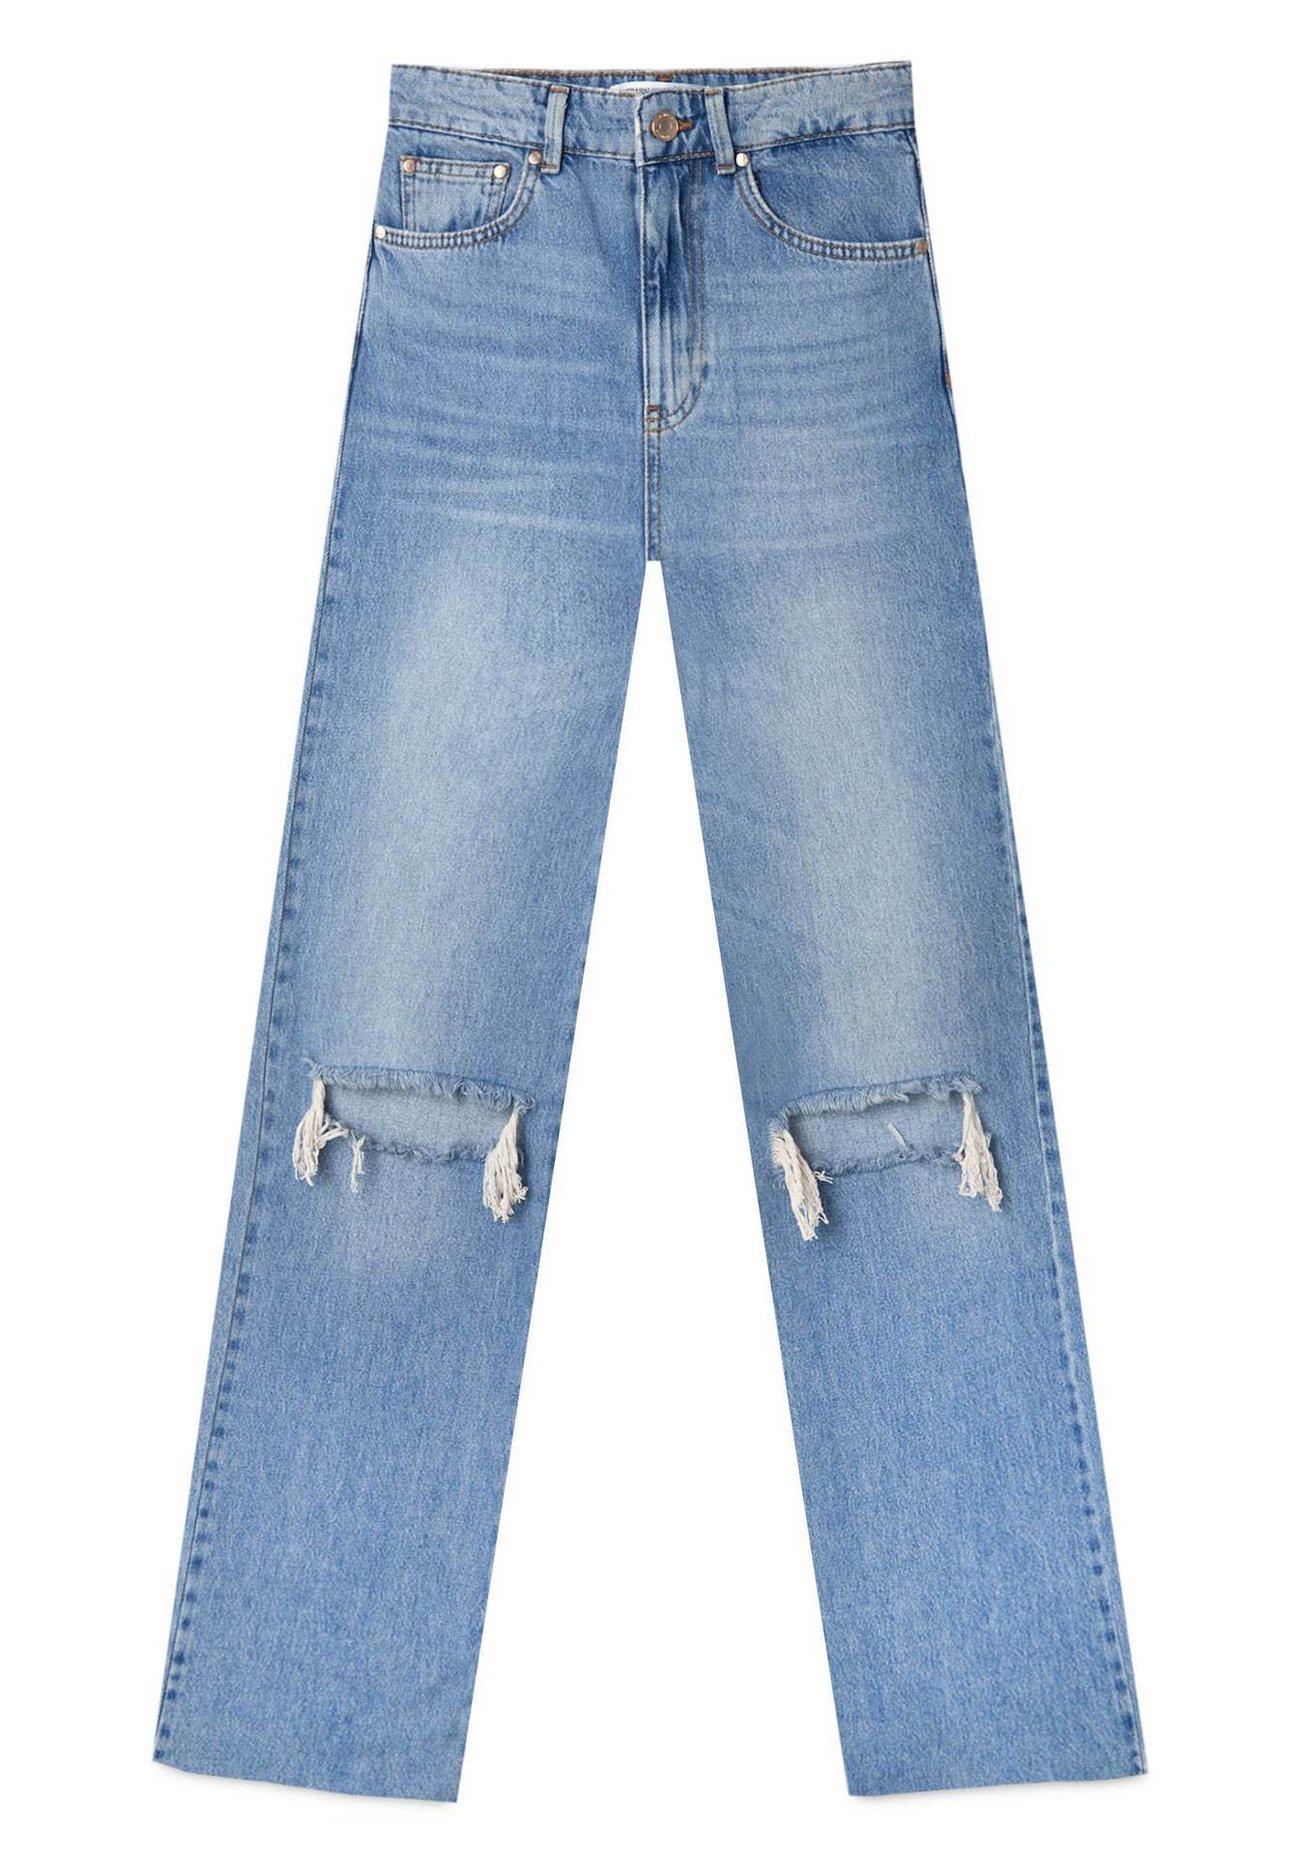 Stradivarius Jeans Straight Leg - Light Blue